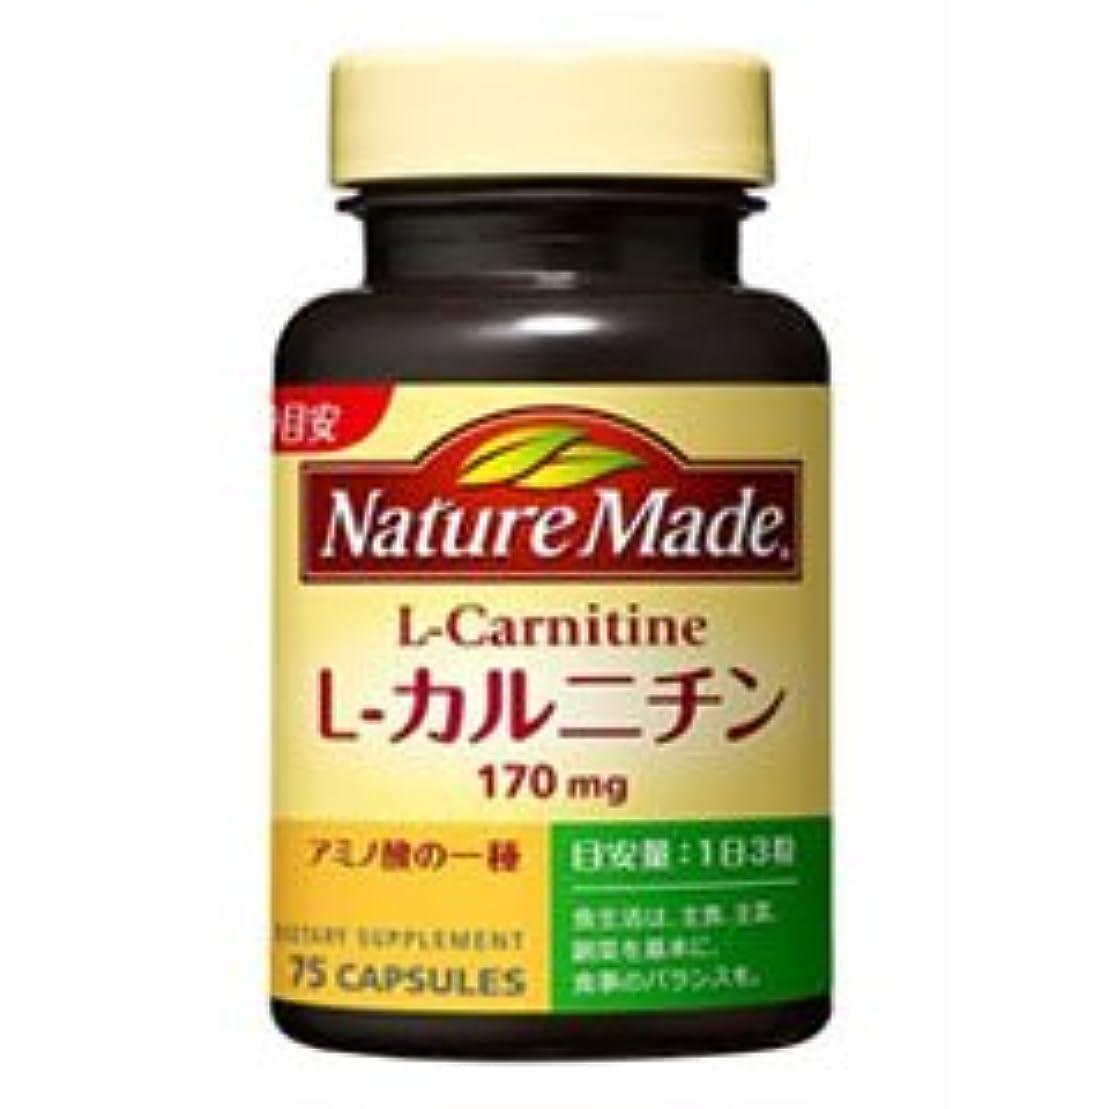 ファックス医師産地【大塚製薬】ネイチャーメイド L-カルニチン 75粒